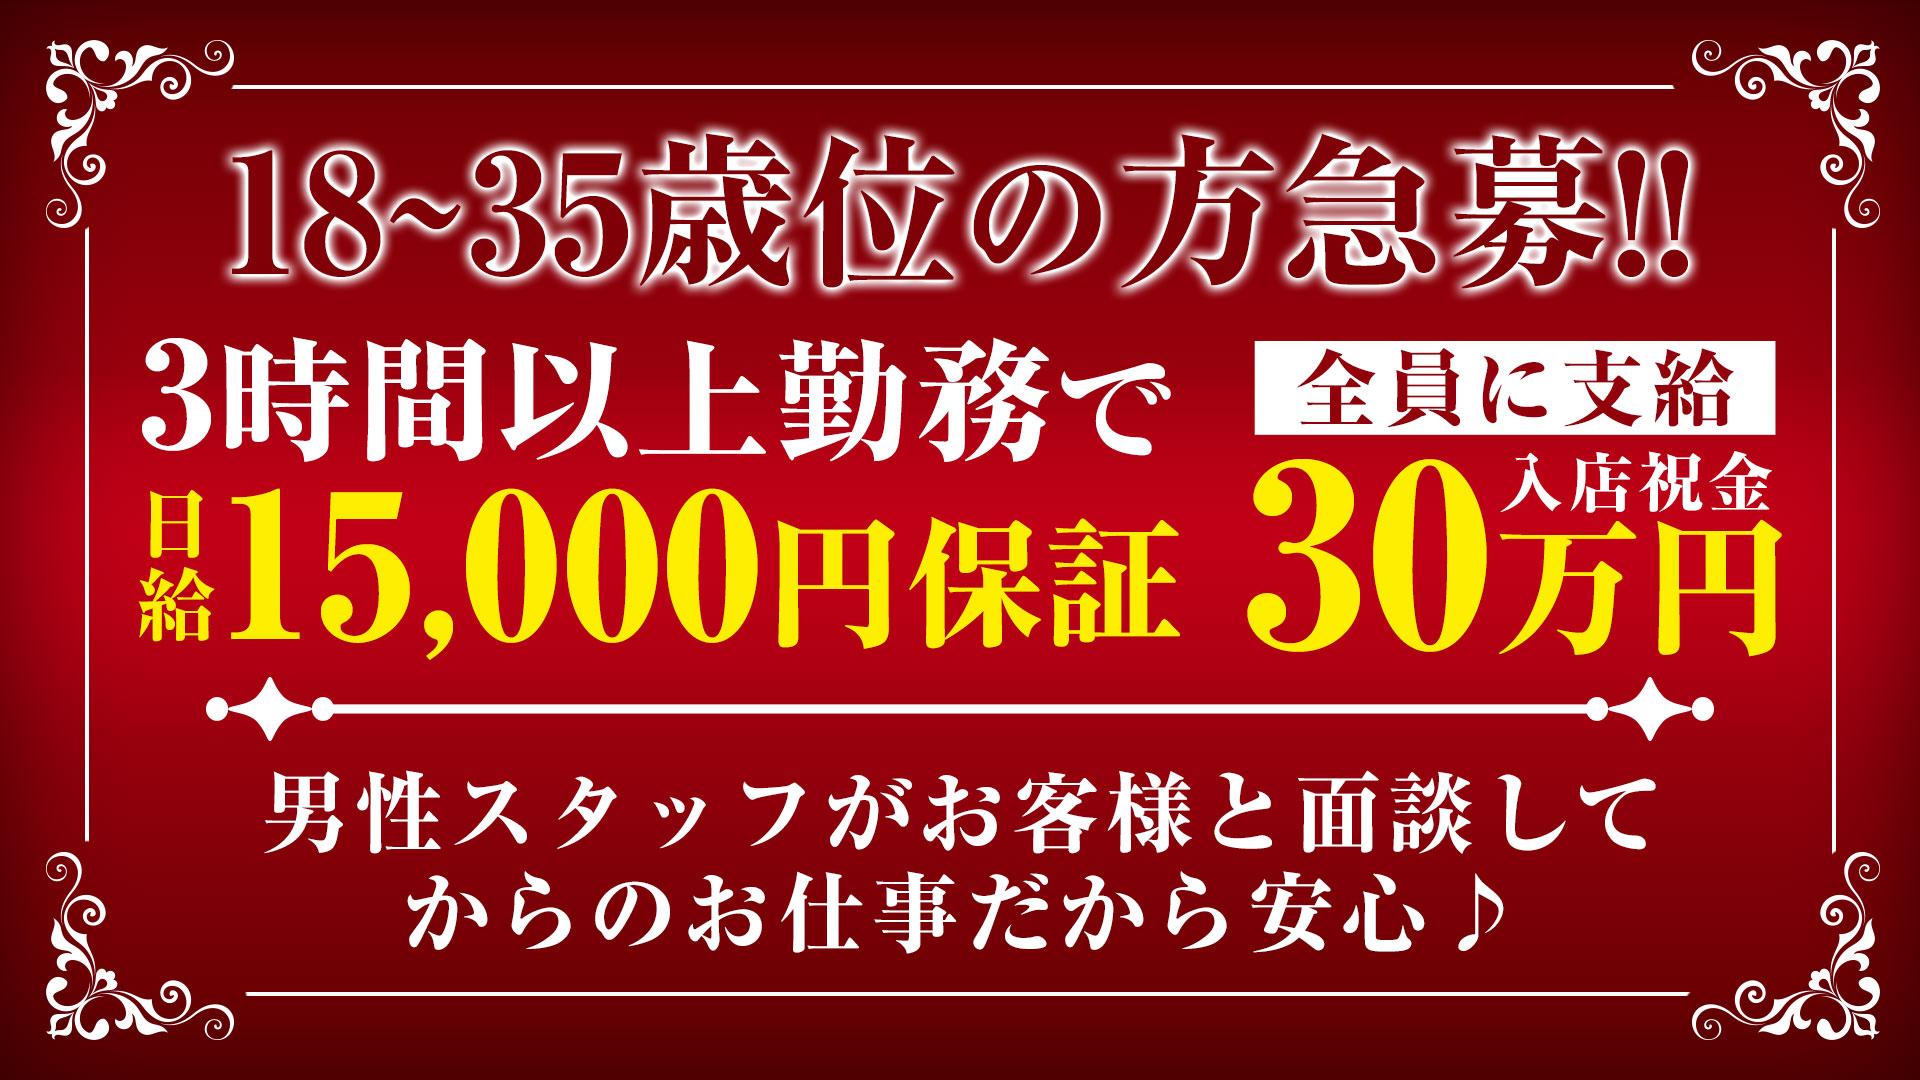 奴隷志願!変態調教飼育クラブ 梅田店の求人画像